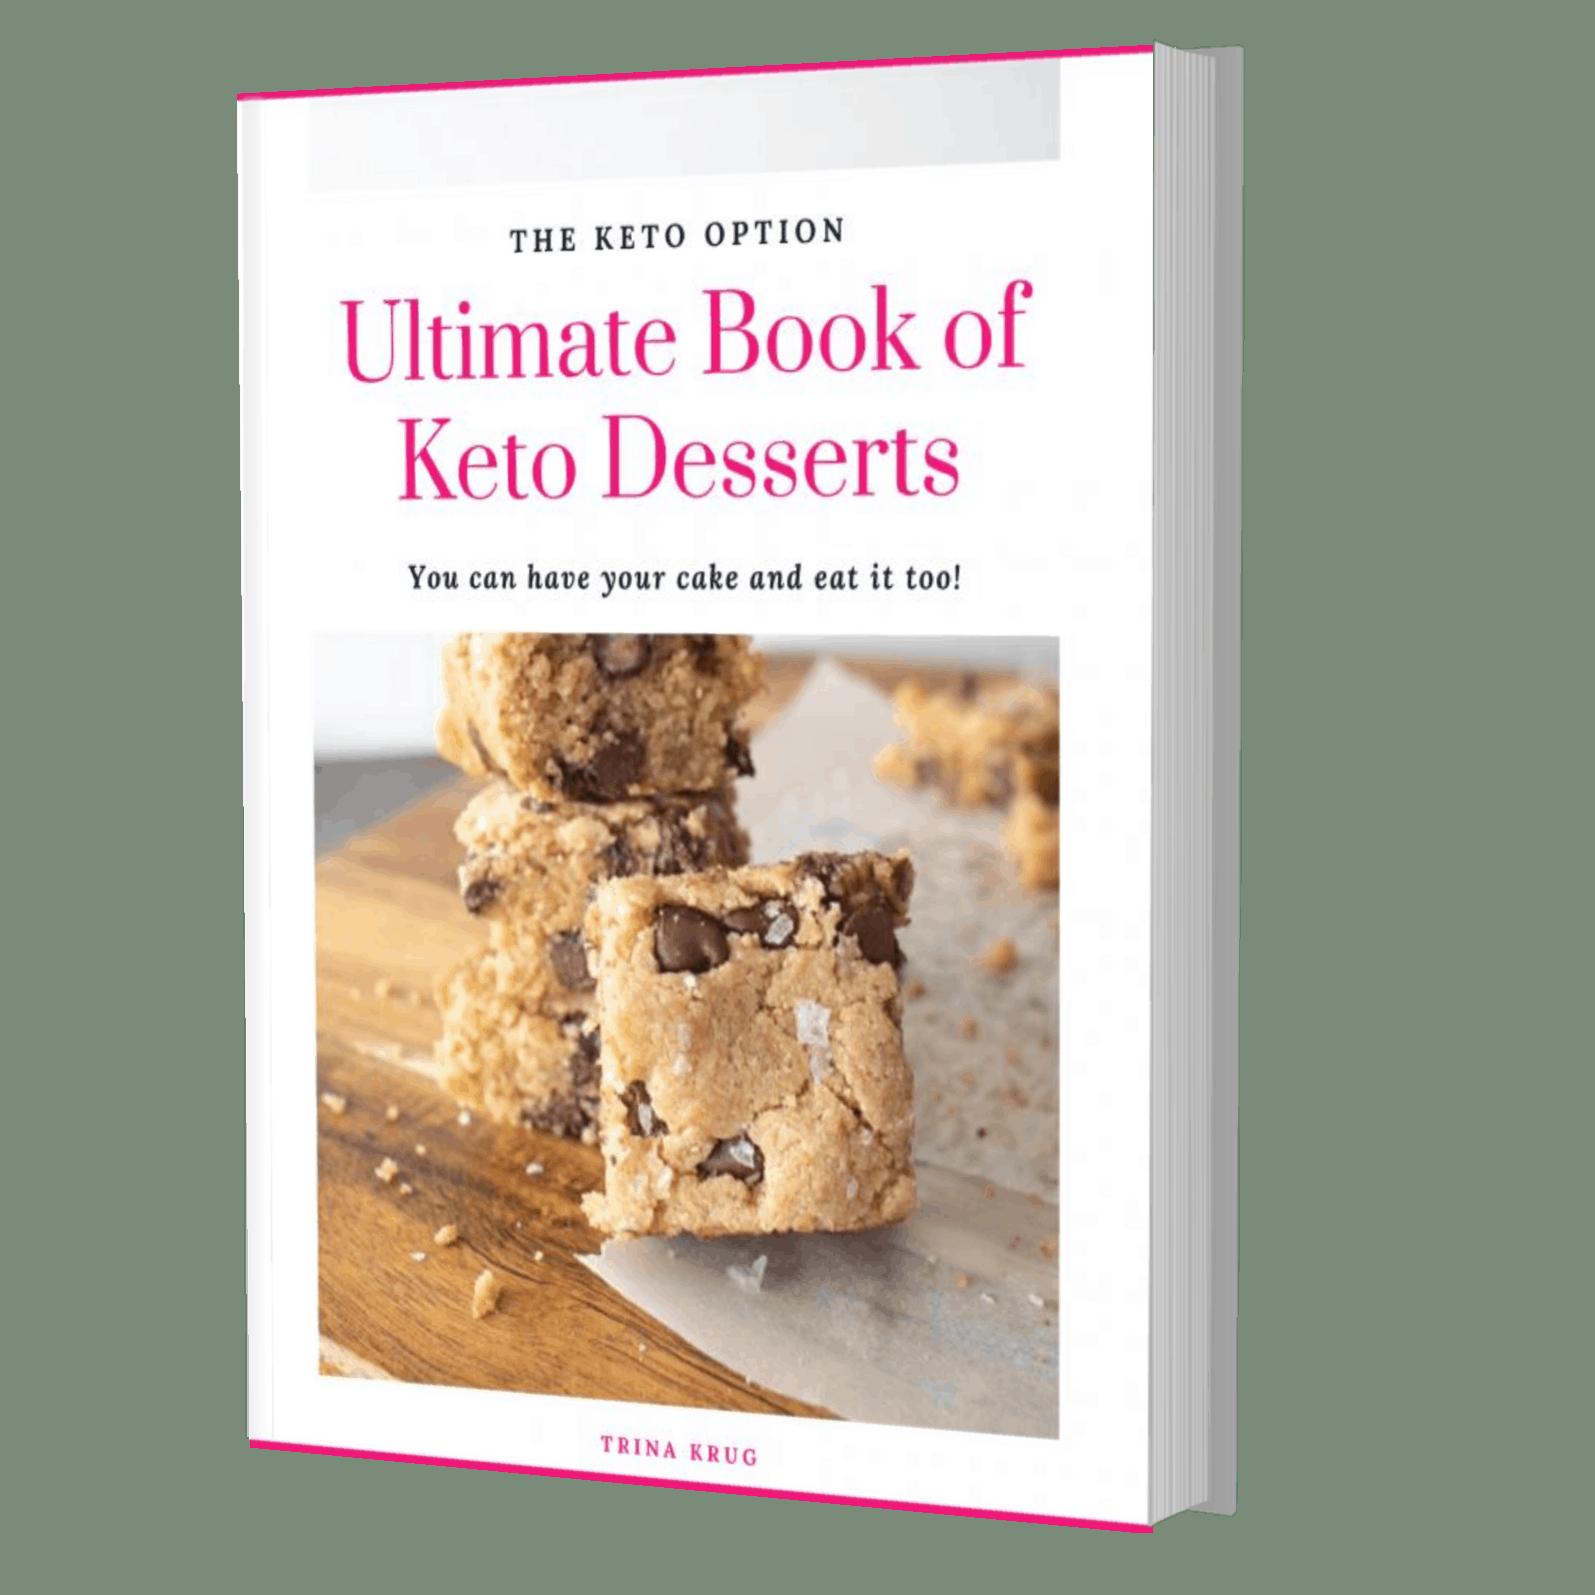 keto desserts mockup (2)